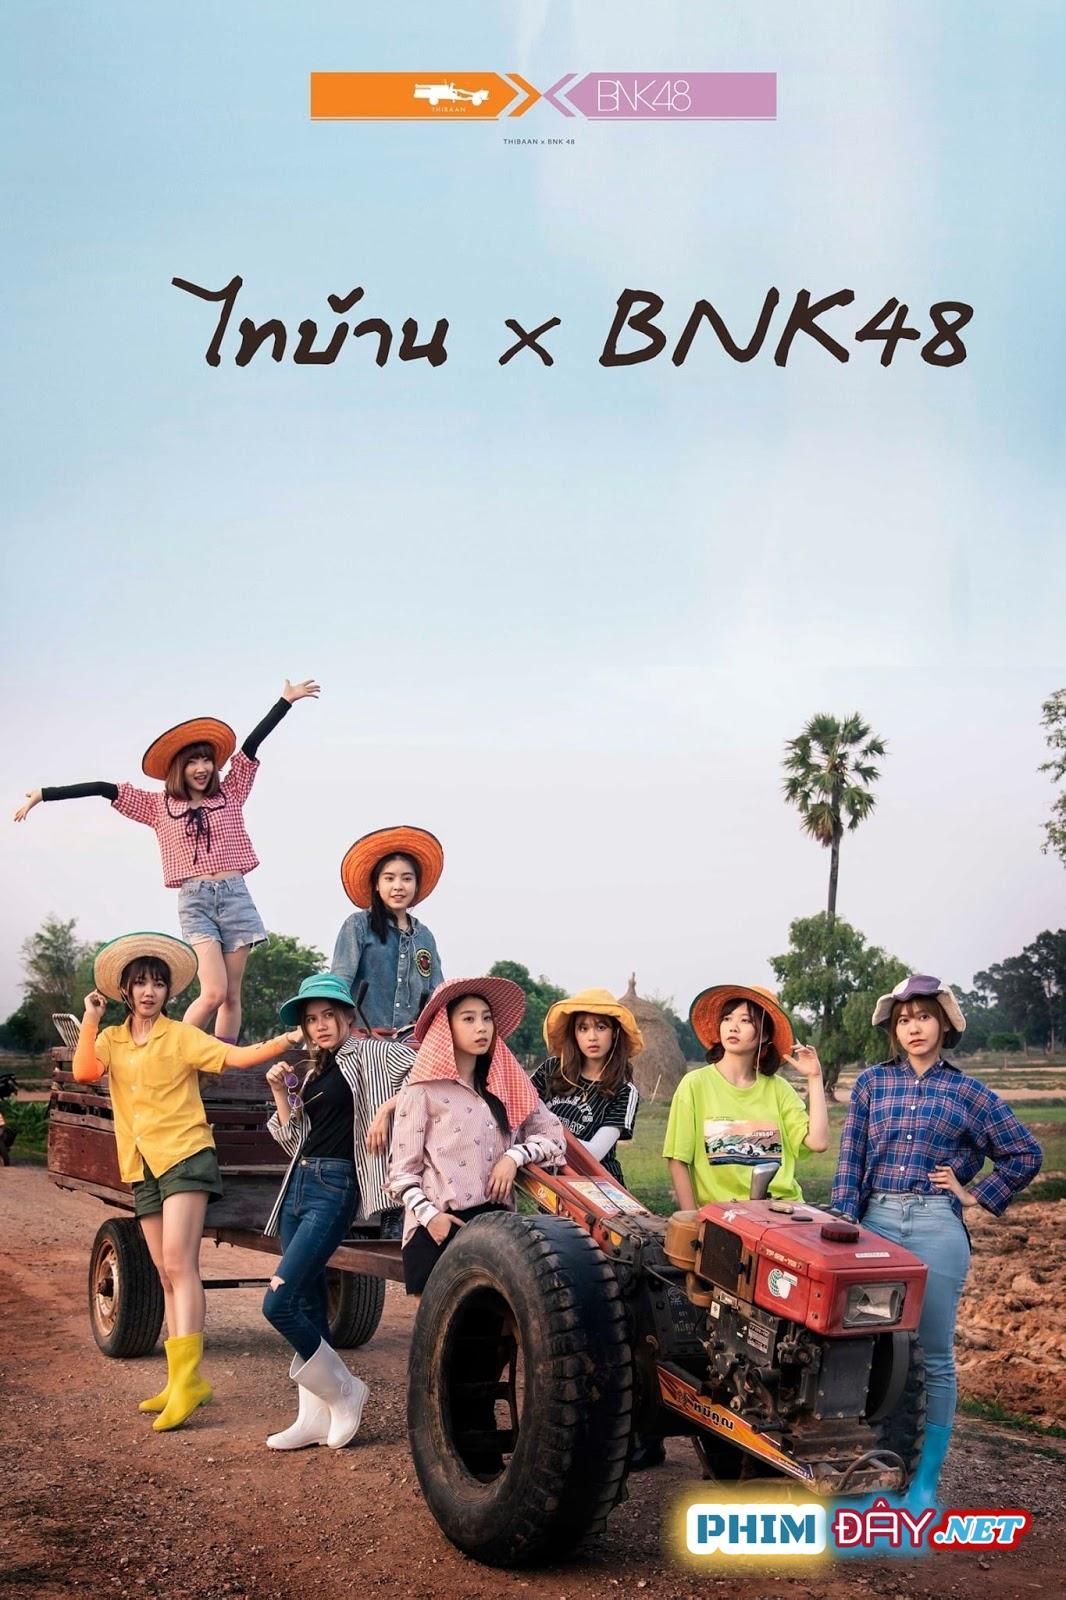 Thibaan × BNK48 - Thibaan × BNK48 (2020)